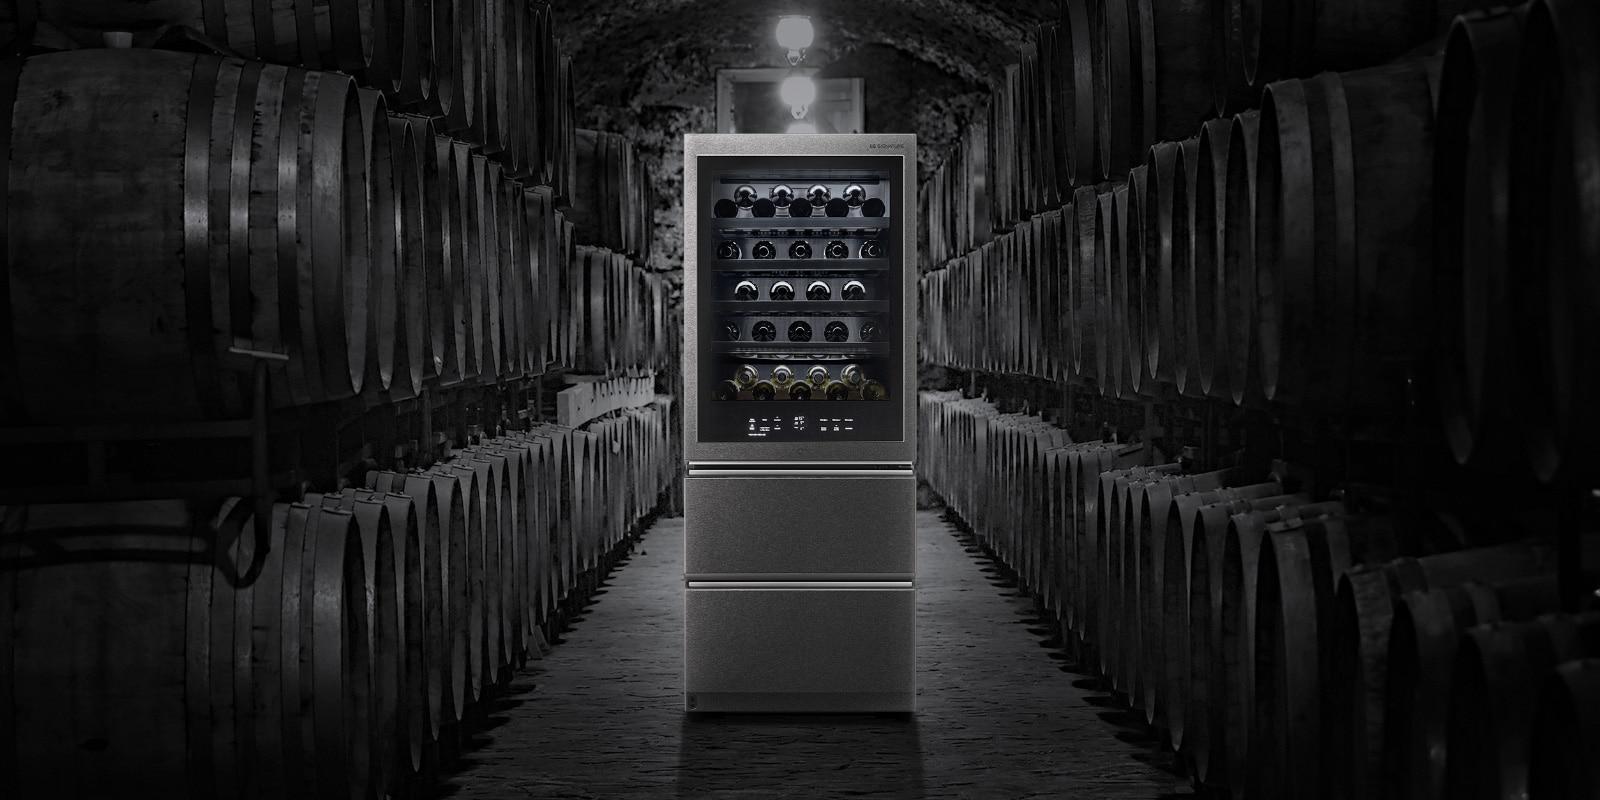 La Vinoteca Gourmet LG SIGNATURE está diseñada para recrear las condiciones de las cuevas de vino tradicionales.